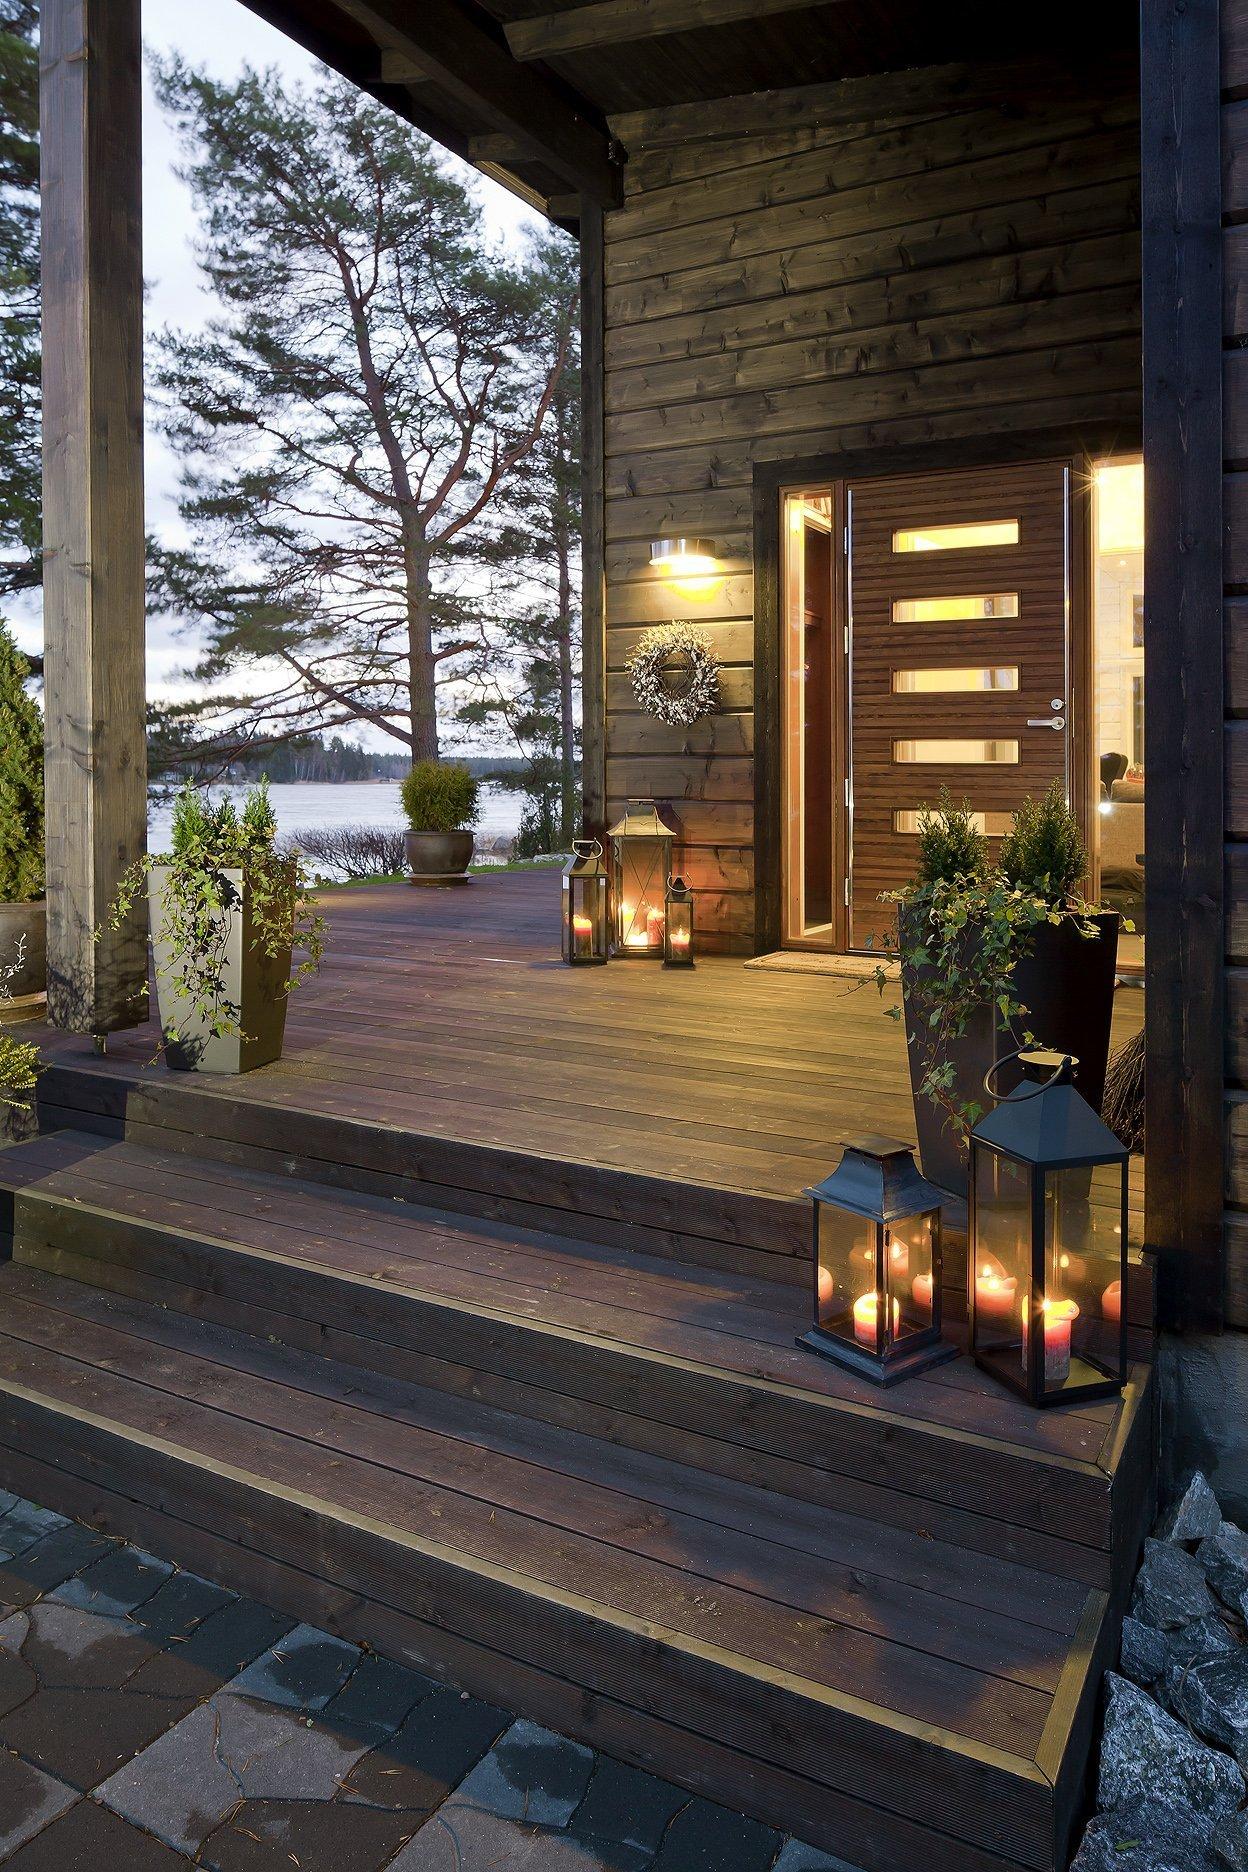 Máte rádi dřevěné domy a jednoduchou čistou architekturu? Pak se vám může tato realizace zalíbit. Představujeme vám dům plný dřeva, obklopený zelenou přírodou v severském duchu. Líbil by se vám také?